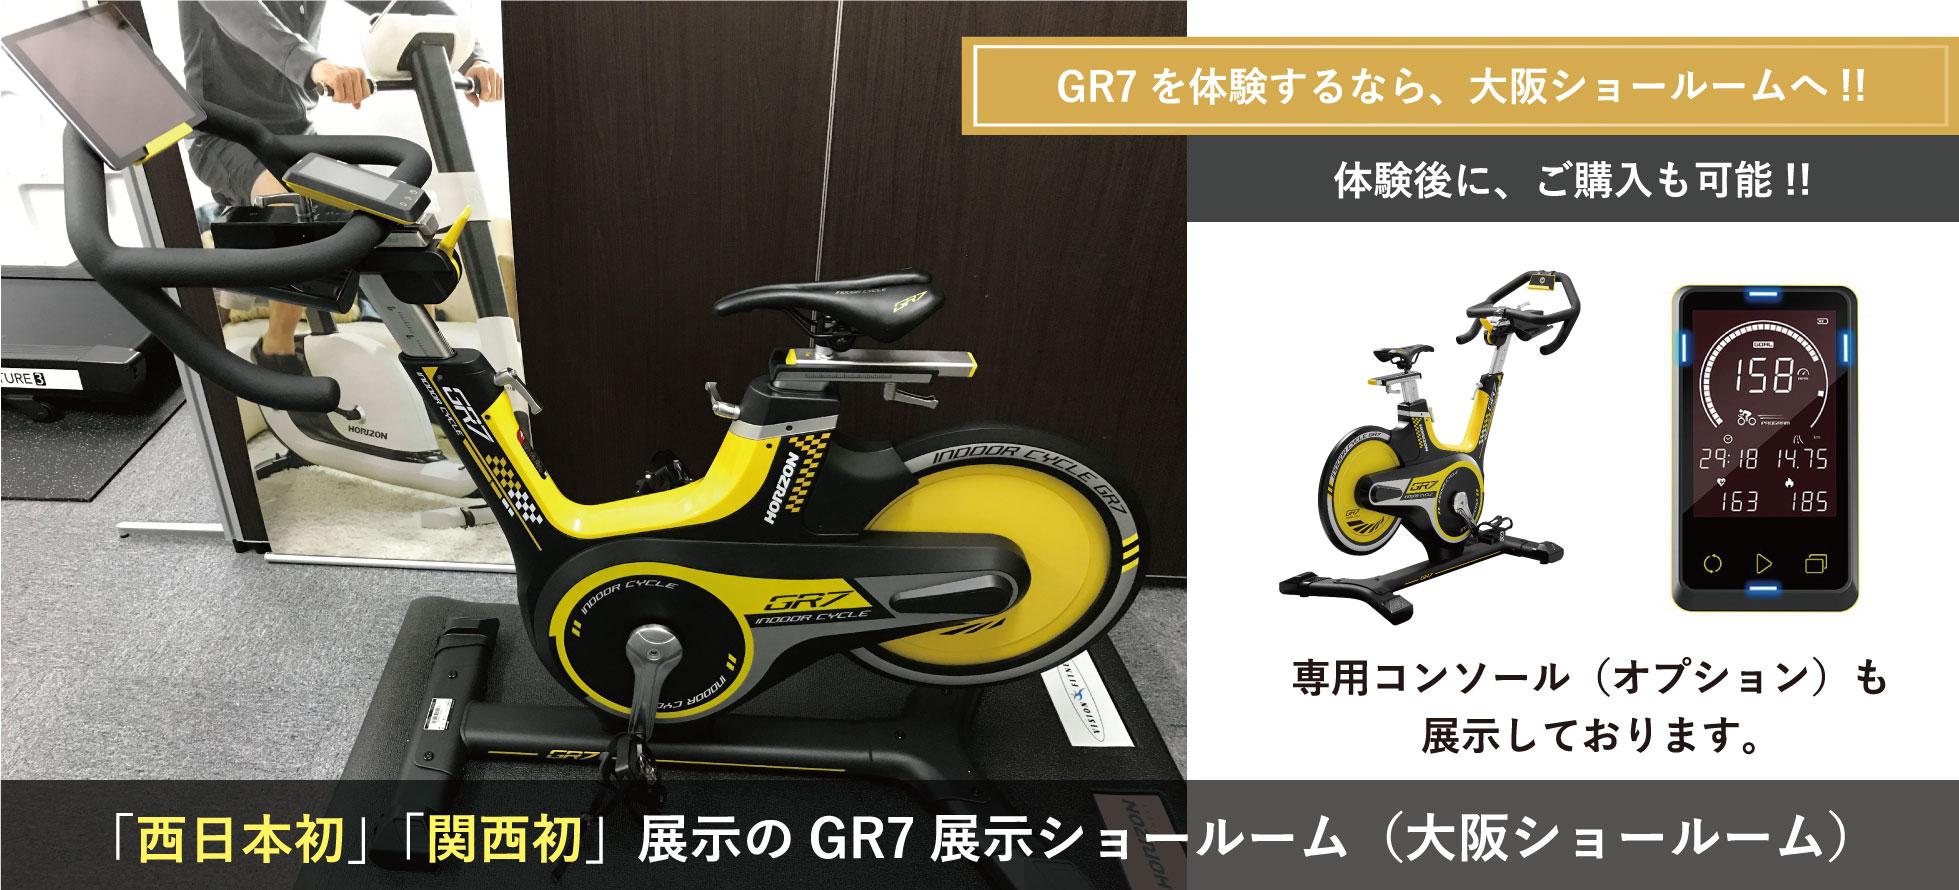 GR7 大阪 ショールーム 展示 試乗 関西 西日本